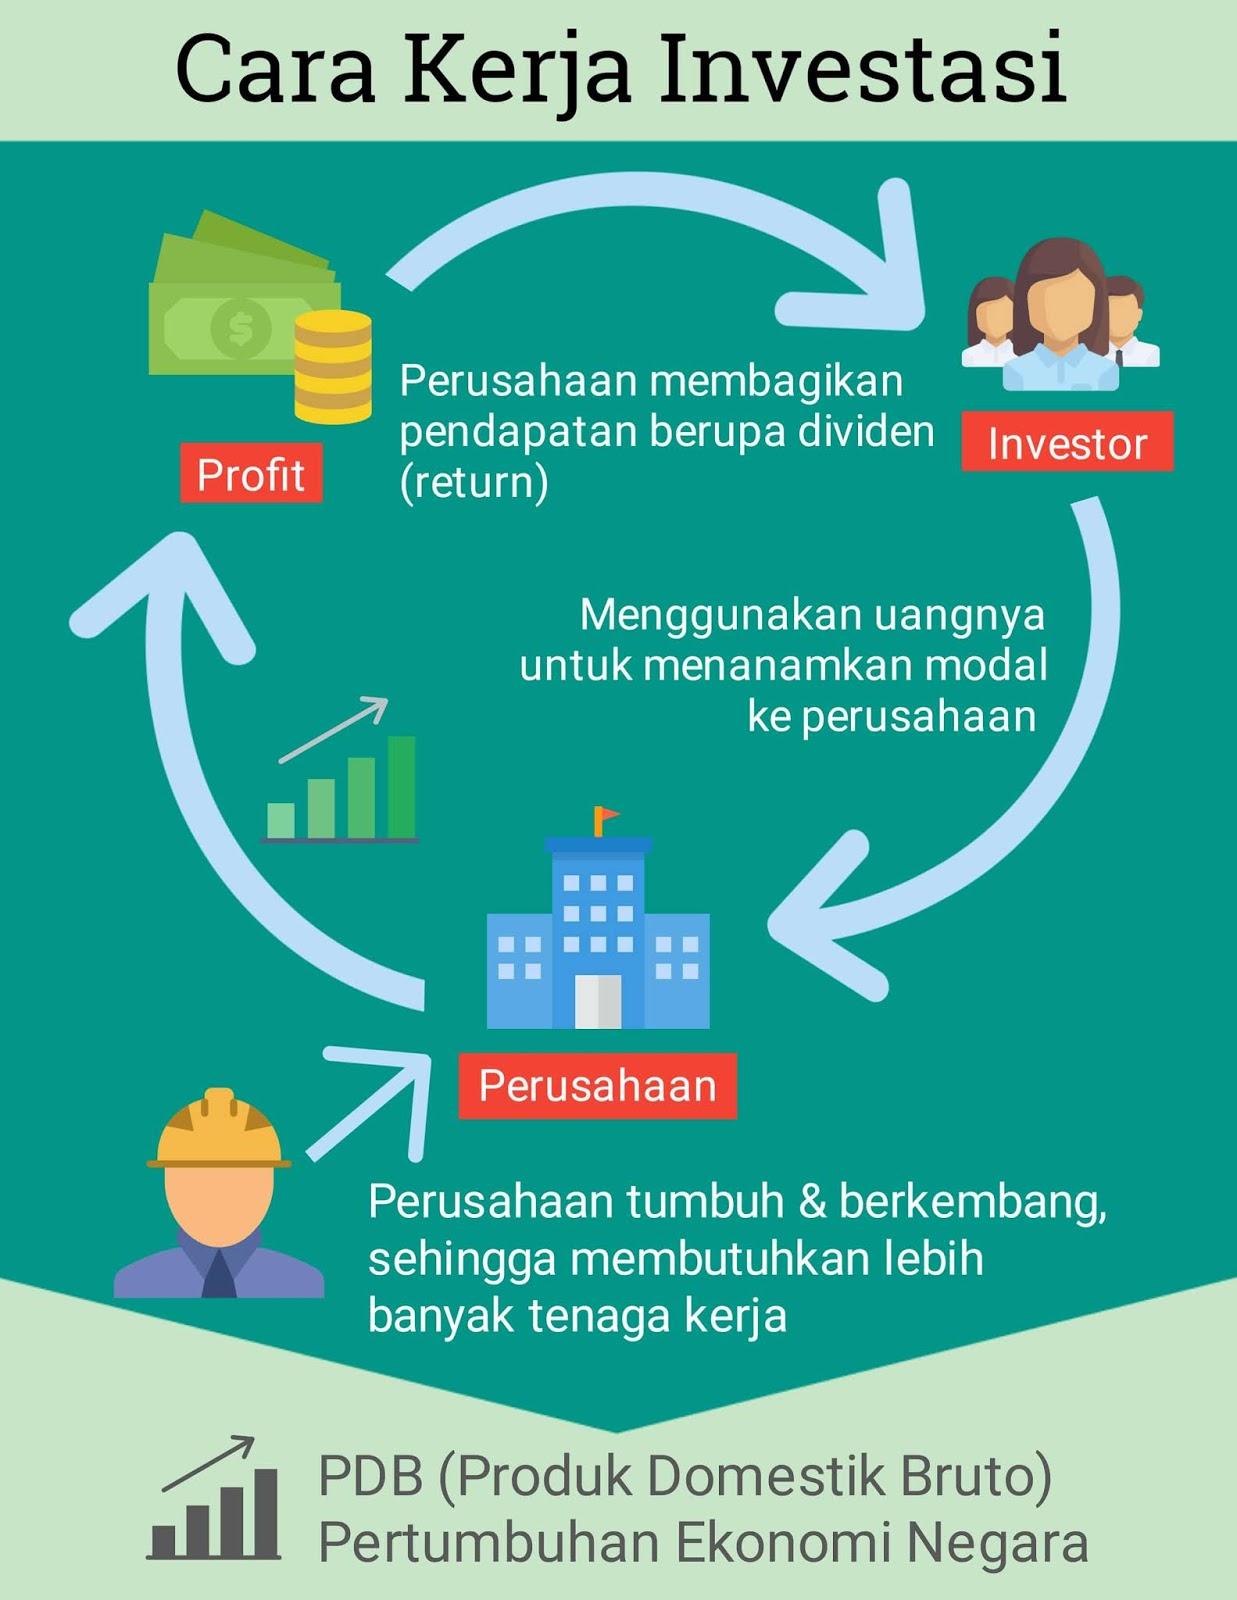 Bagaimana investasi bekerja untuk memajukan ekonomi negara